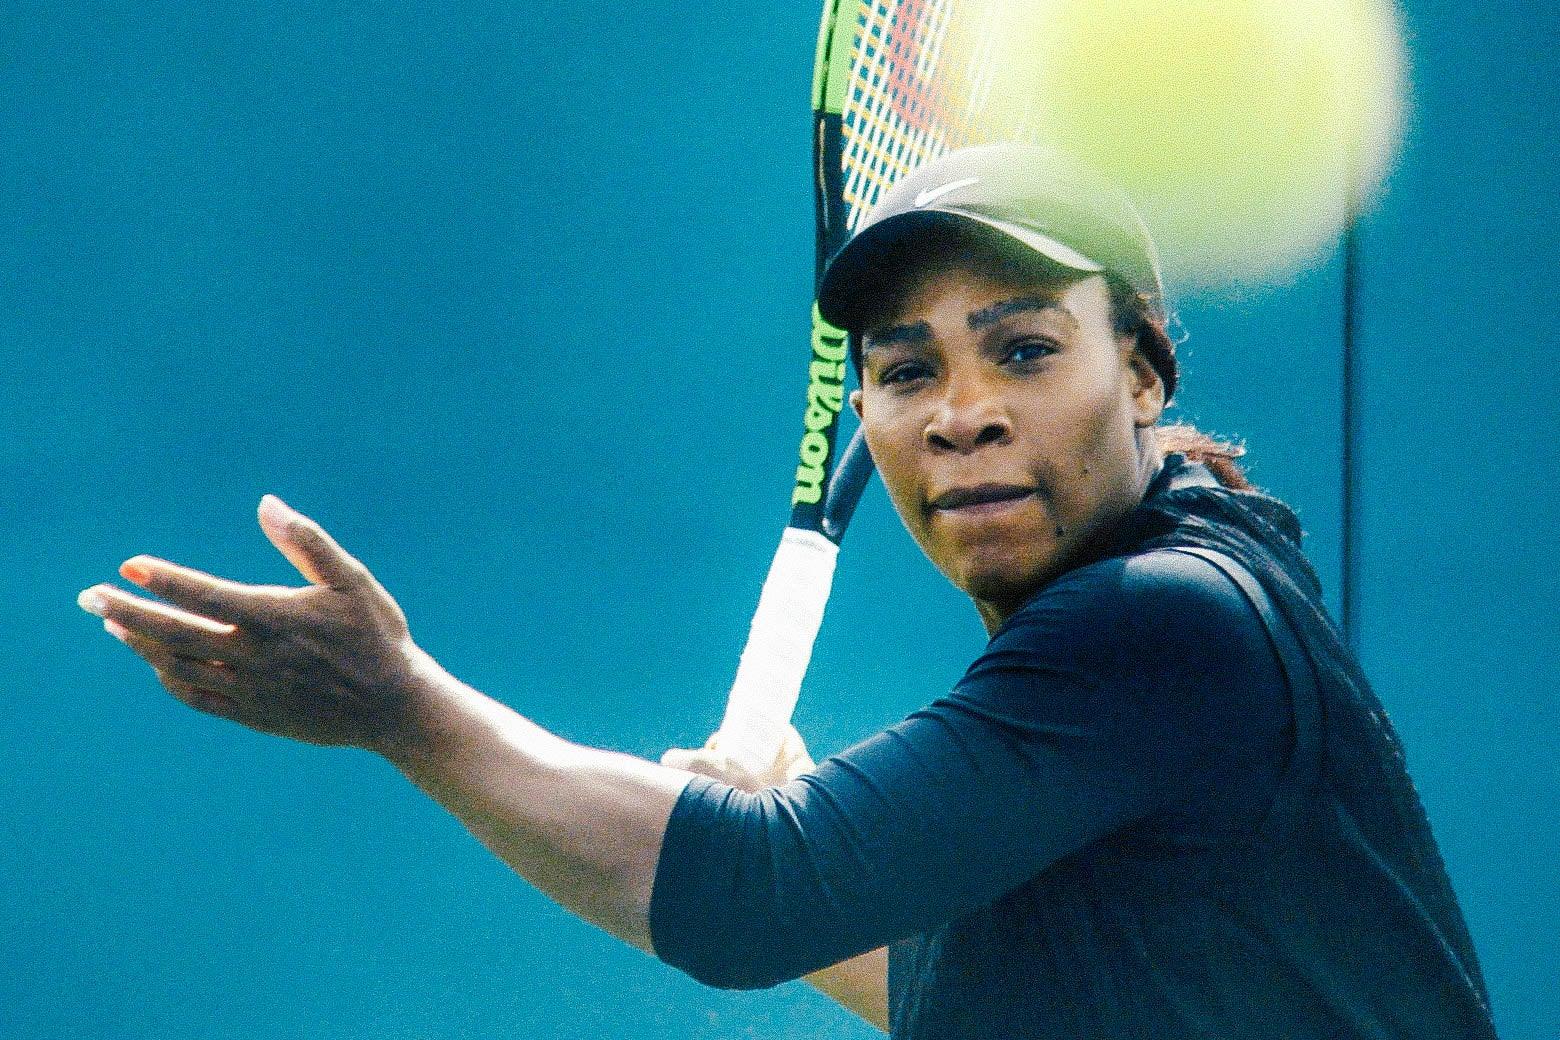 Serena Williams swings a tennis racket.